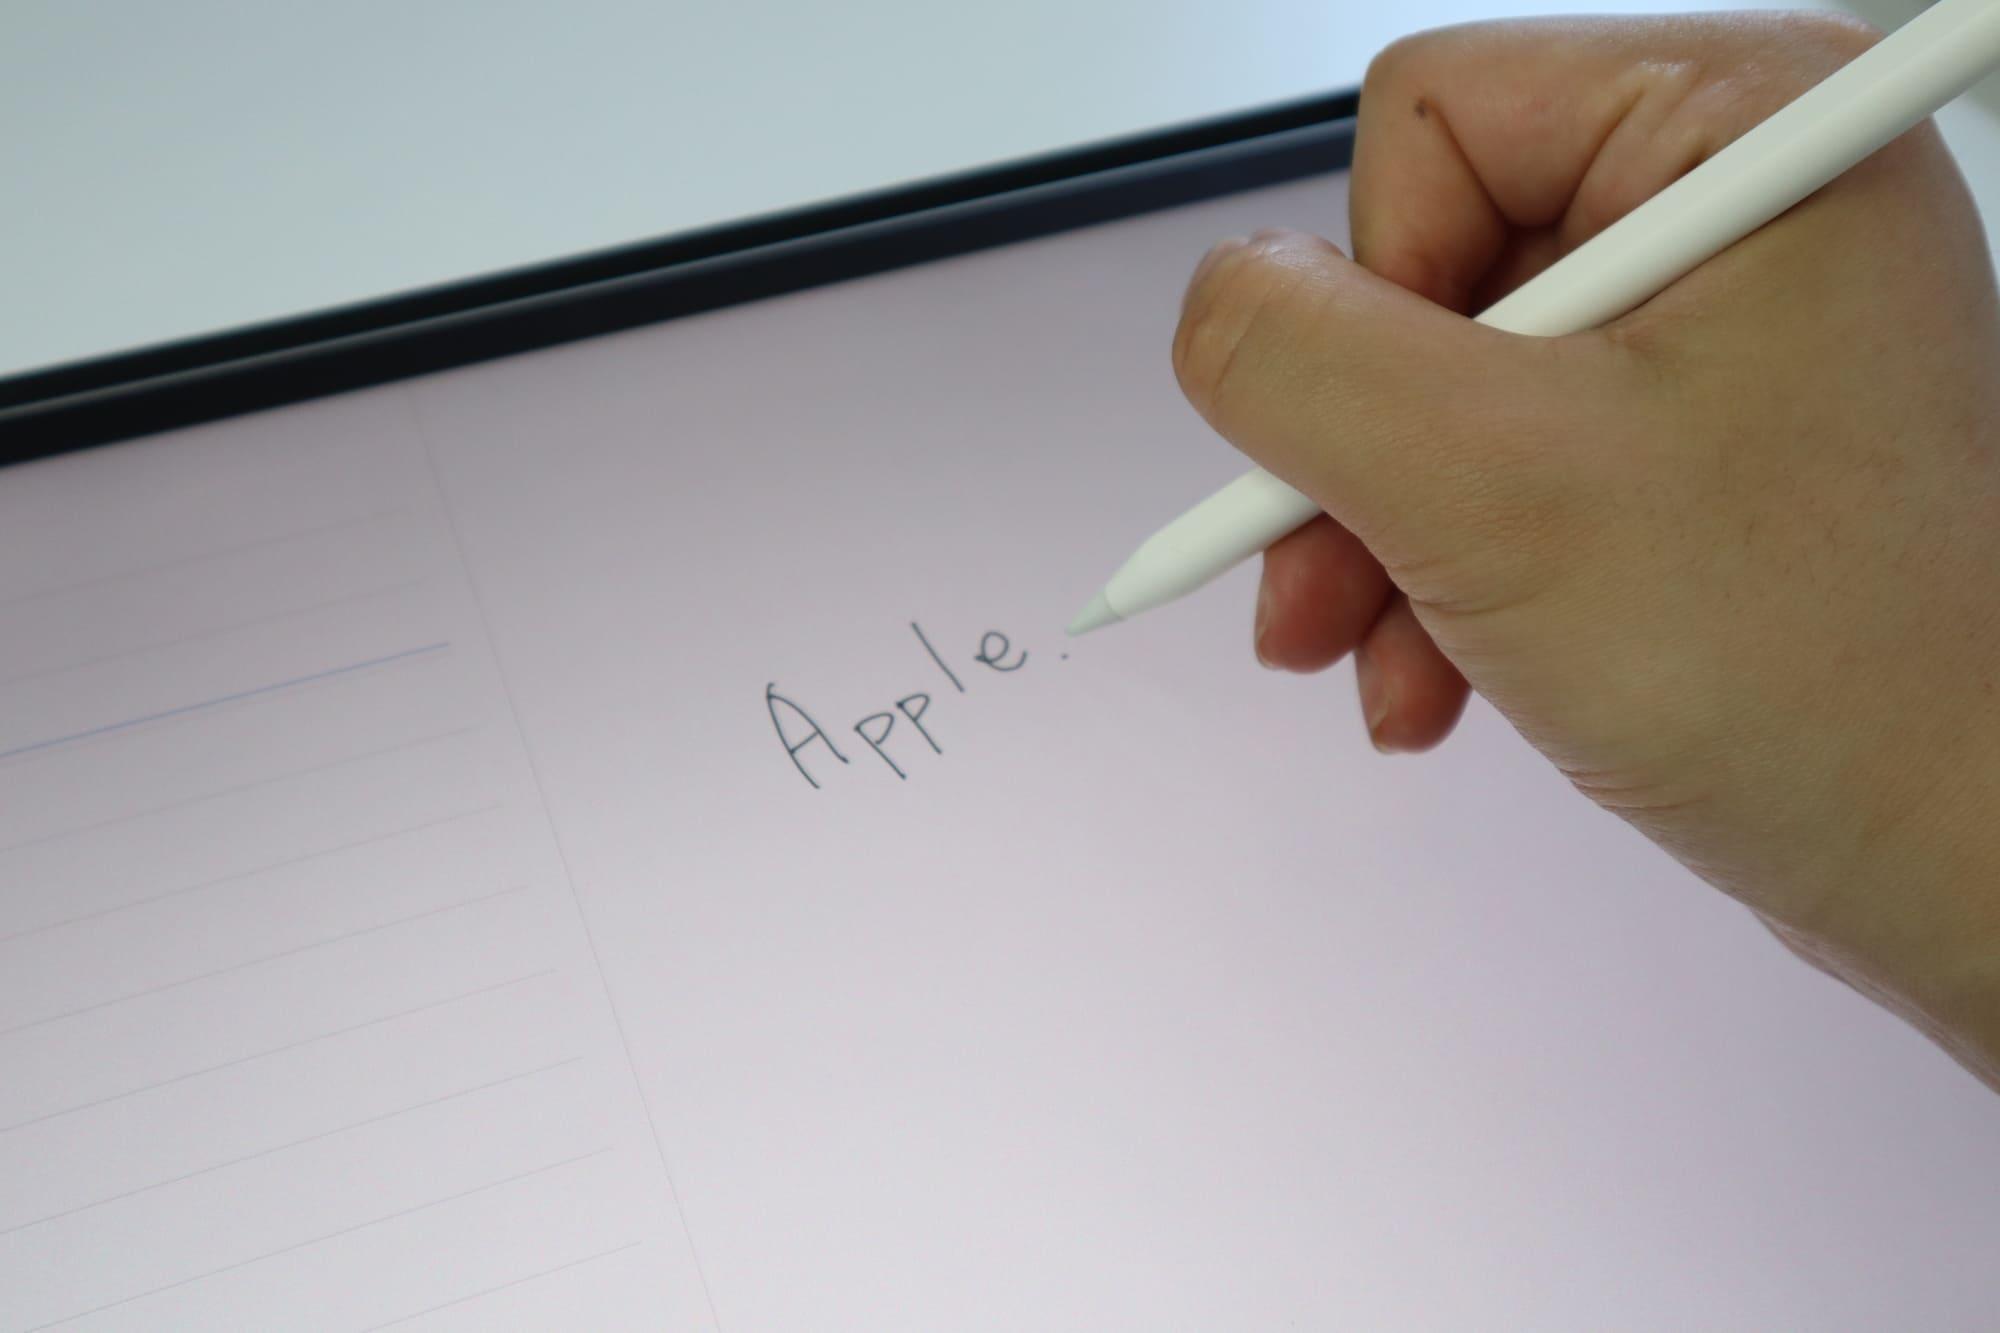 Apple Pencilでメモ書き